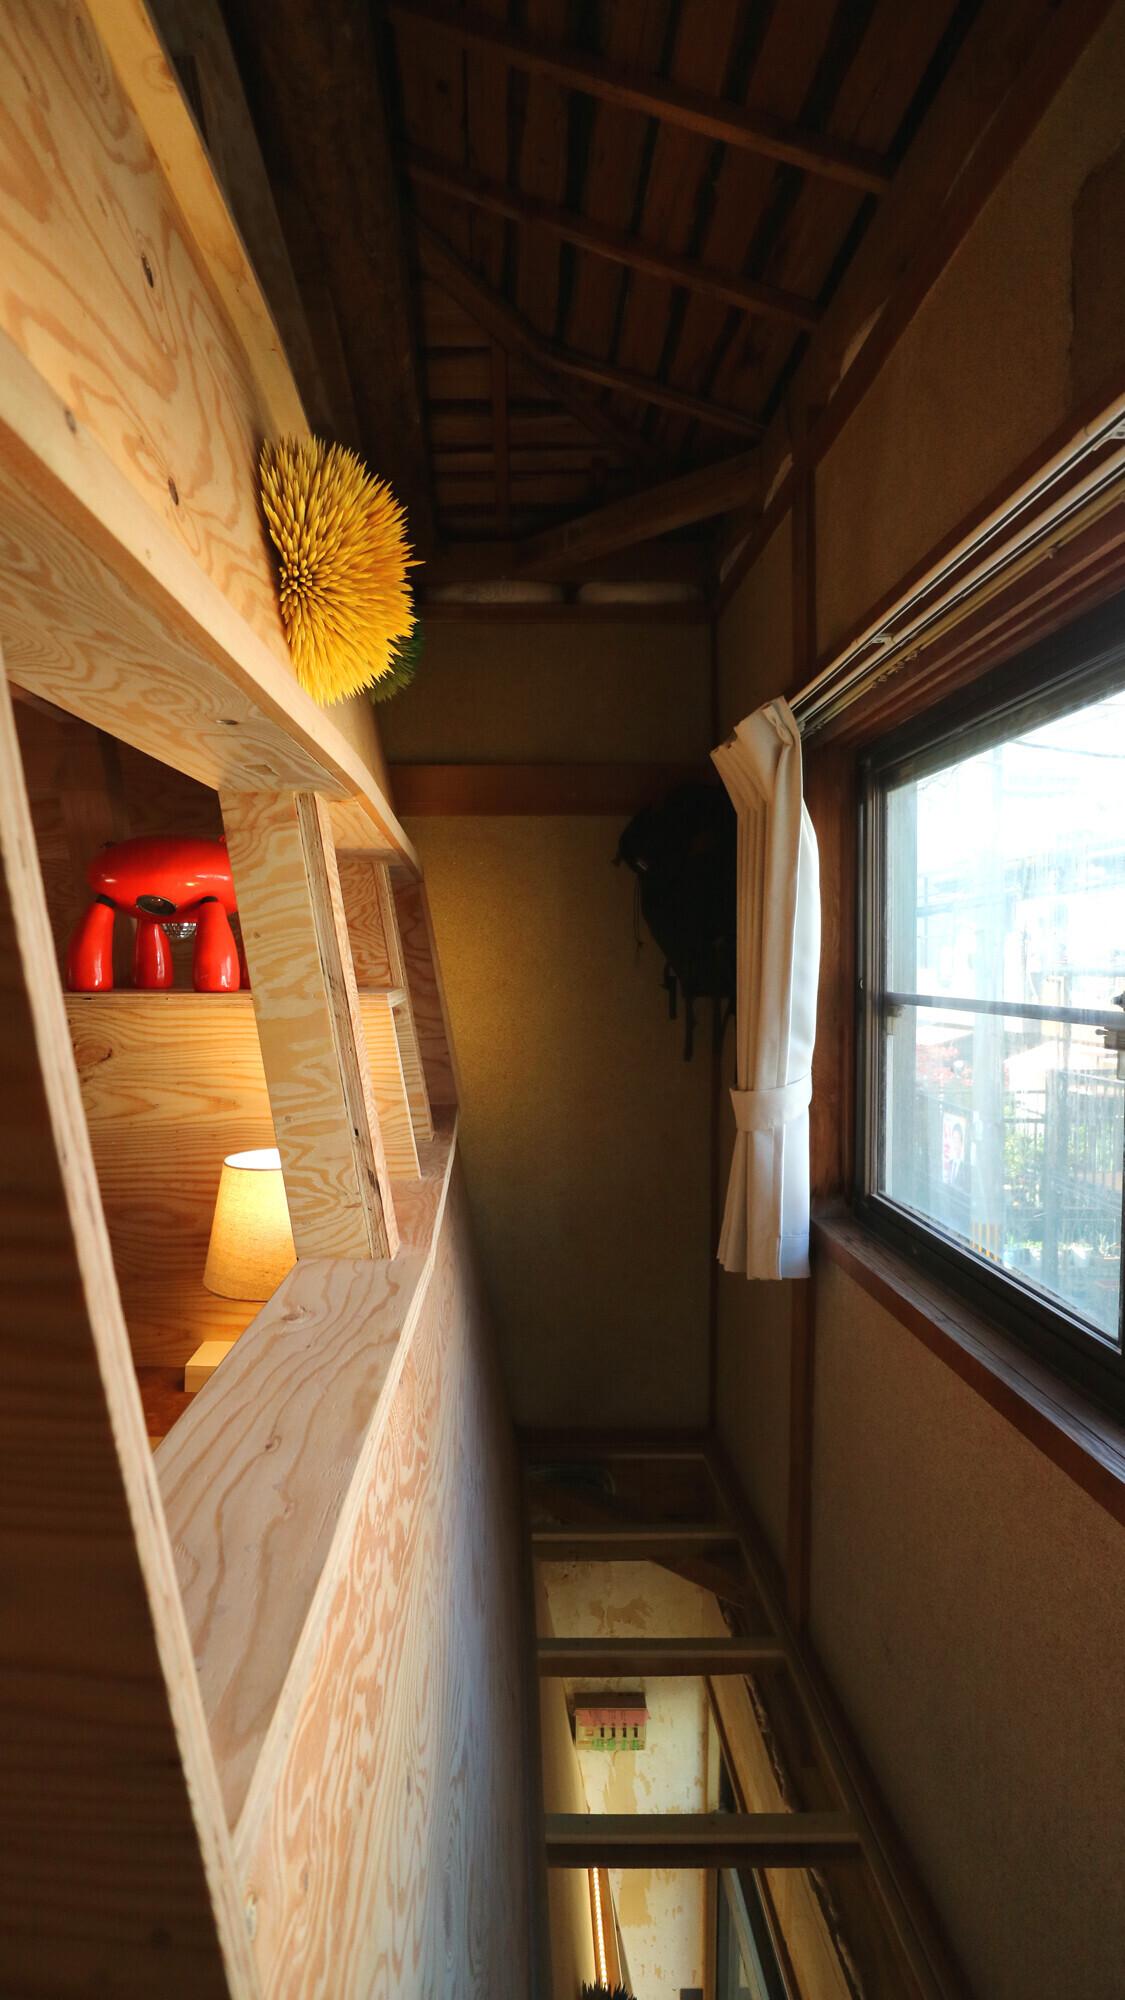 【ライブラリー】2階のプライベート空間。左の斜め壁は、ガラス床の下1階まで続いている。美術家としての施主の作品展示スペースを大きくとれた。   せいかつとせいさくの家(美術家M邸)